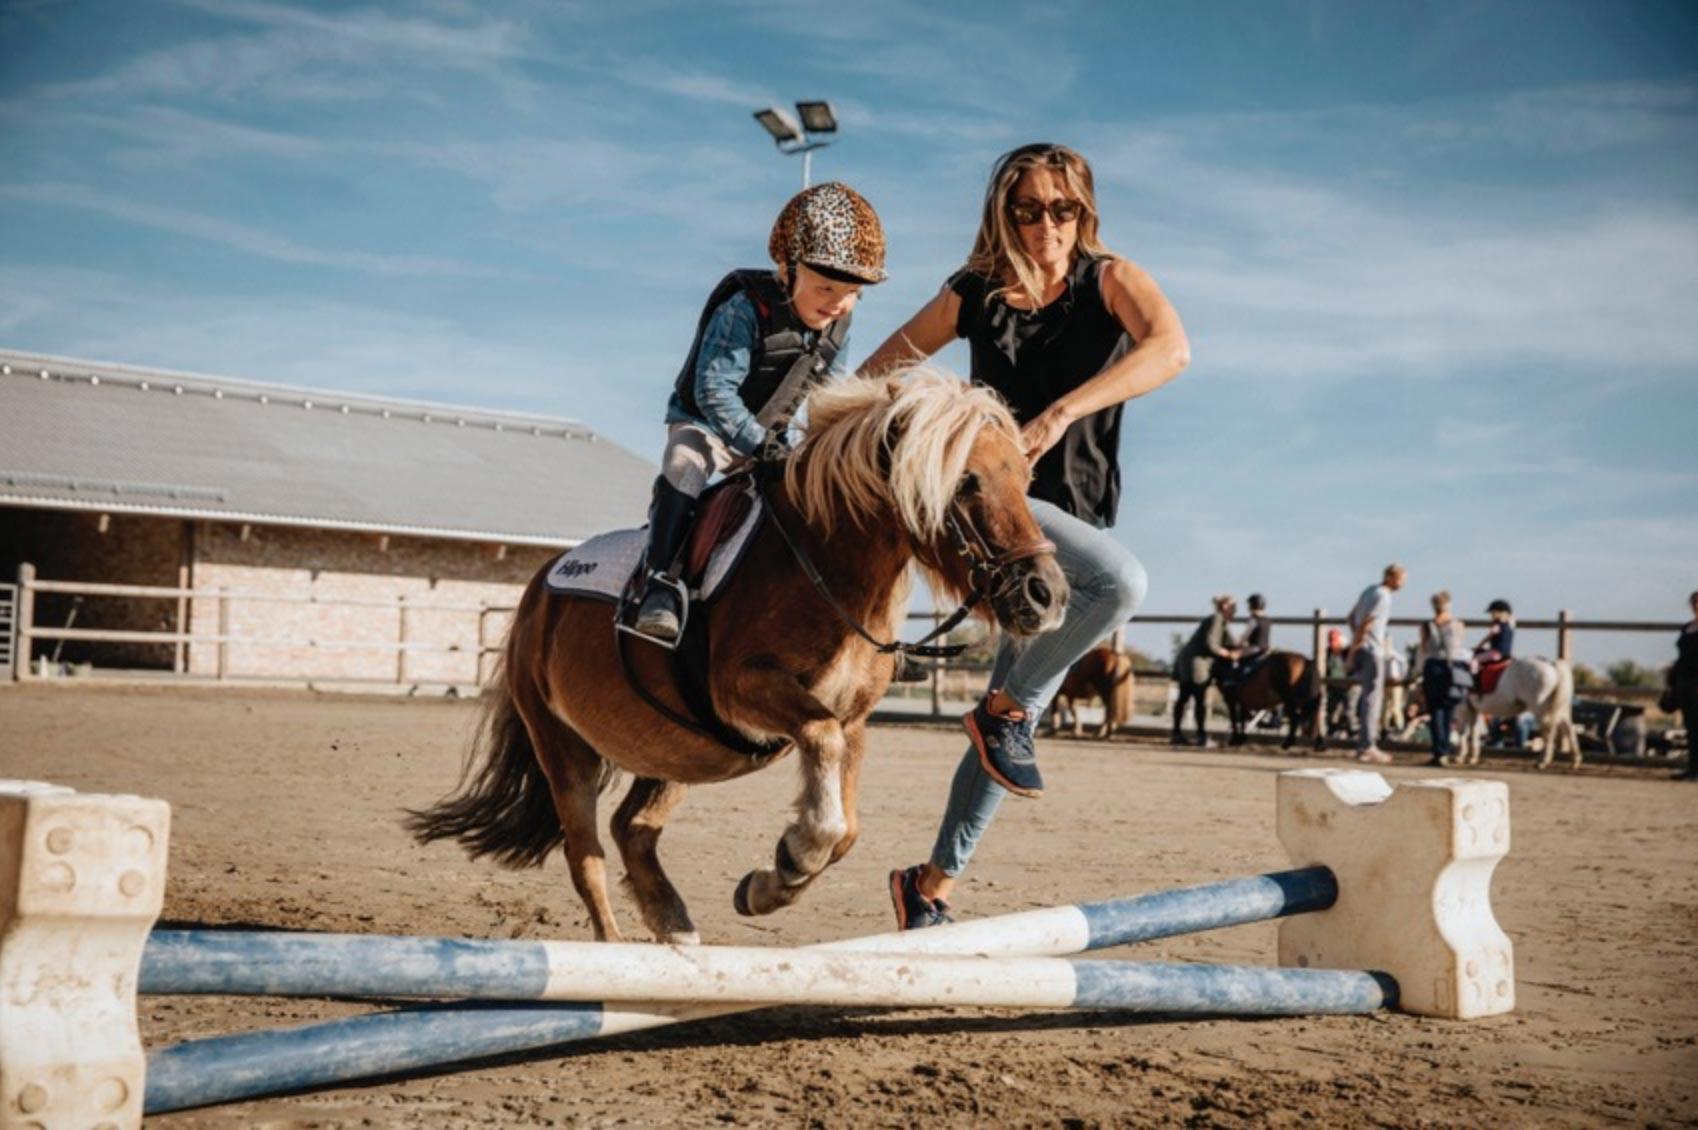 """Bilden togs i samband med ett uppdrag som jag gjorde för tidningen Häst&Ryttare i höstas. Det handlade om ett besök på Klagshamns Ridskola utanför Malmö. Den ridskolan liksom många andra ridskolor har hittat en ny grupp ryttare i så kallade """"minisar"""". Ryttare som börjar rida redan i 4-5 års åldern. Bilden föreställer Dion Engelbert som hoppar ett litet hinder med ponnyn Walle medan mamma Suzanne som hjälper till får hänga med."""